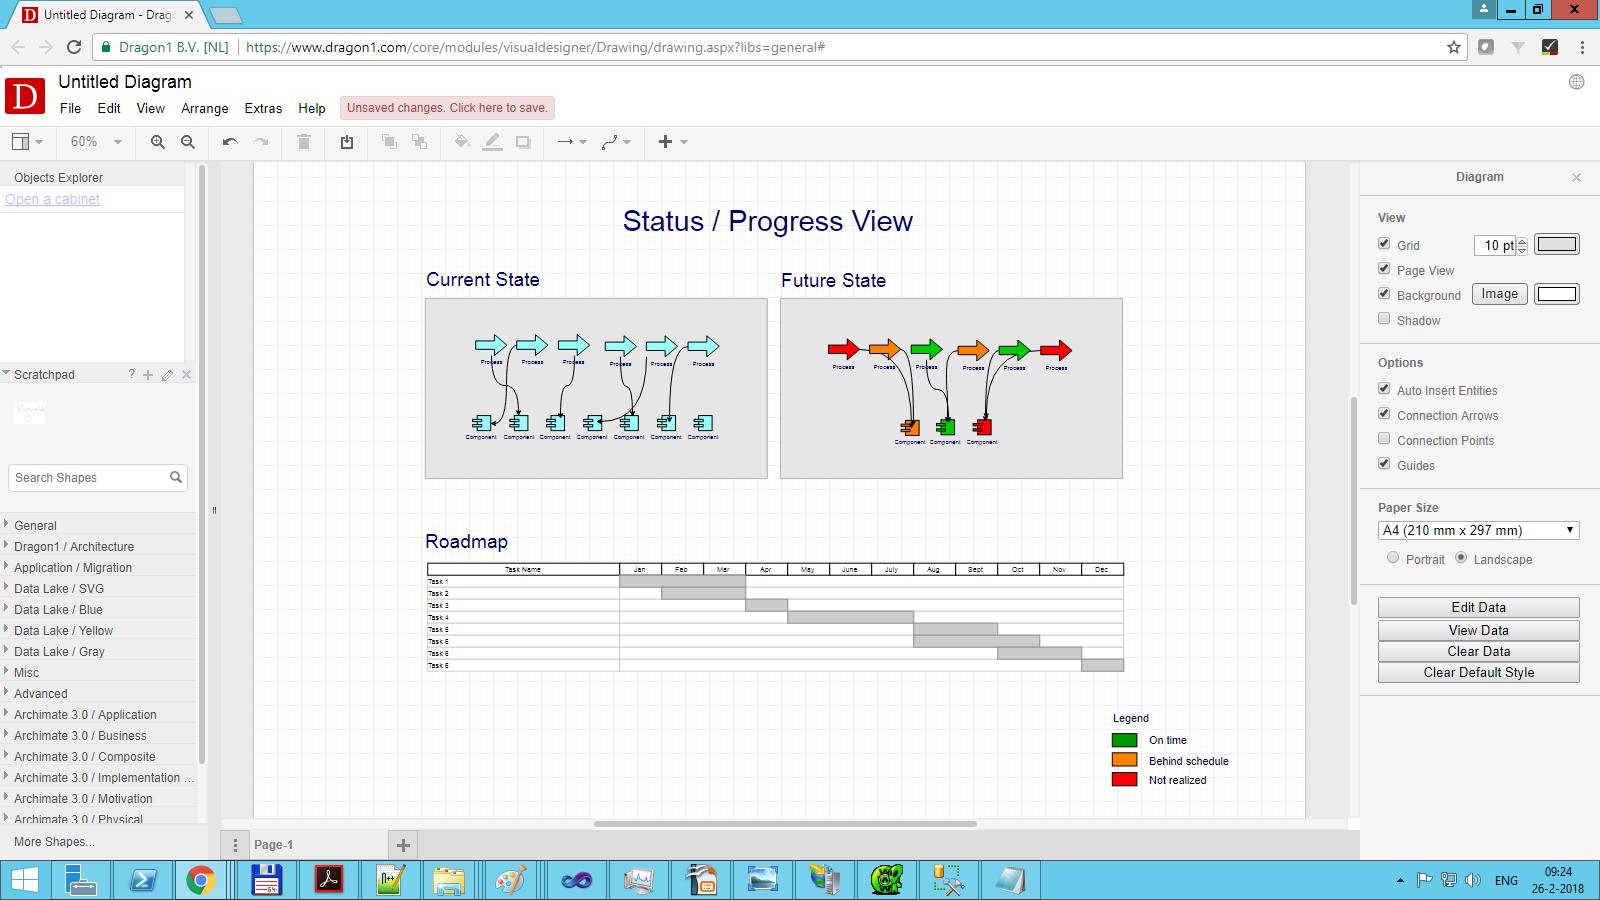 dragon1 status progress view